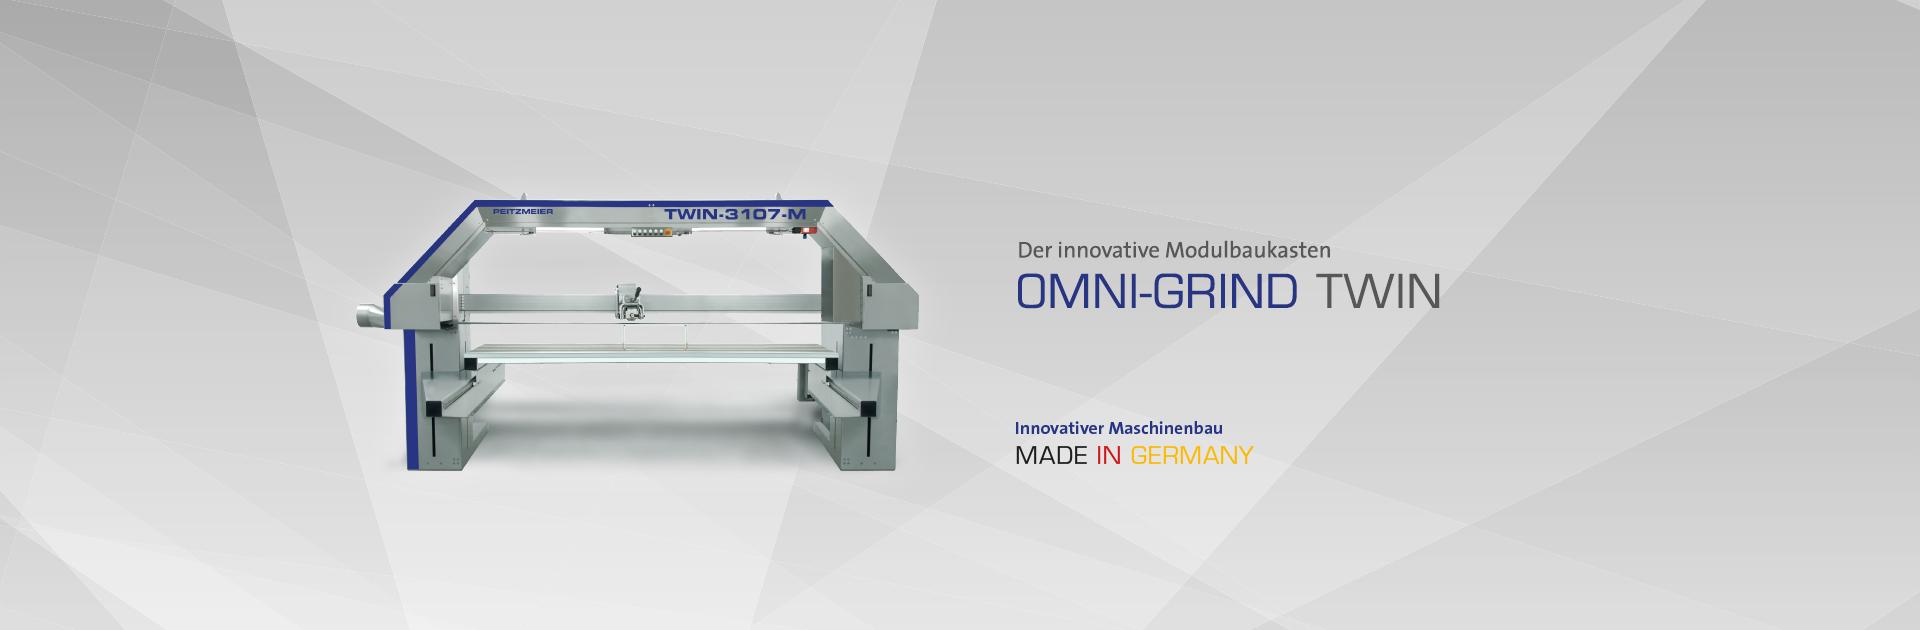 OMNI-GRIND TWIN - Der innovative Modulbaukasten